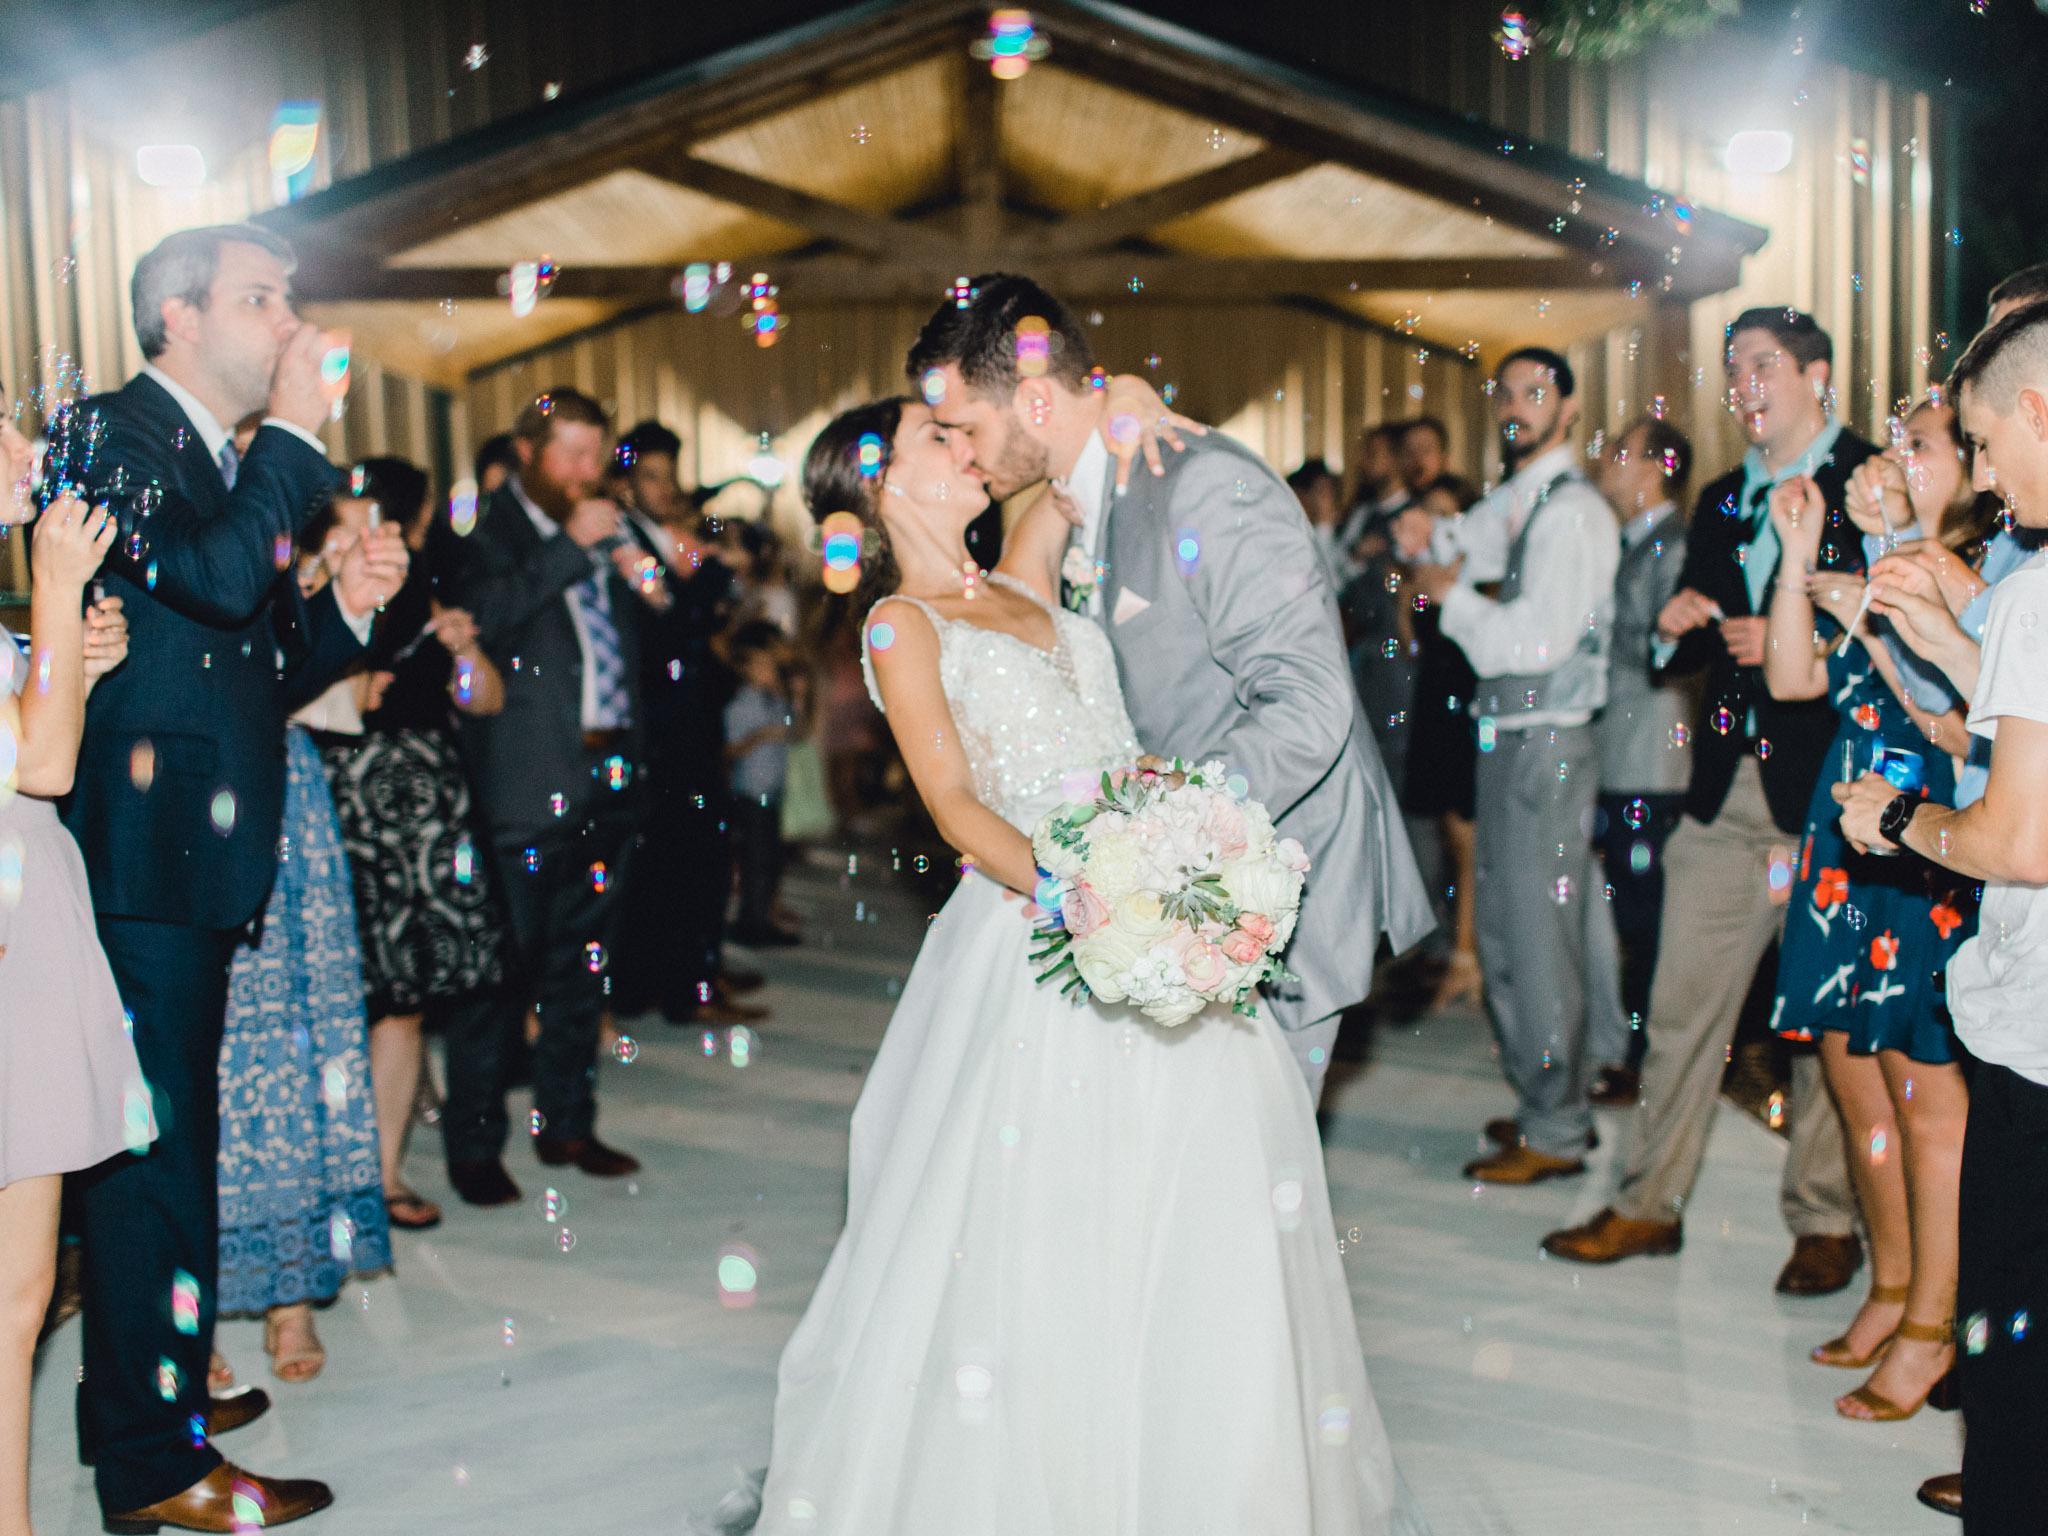 Wichita Falls, TX - Timeless Wedding Photography